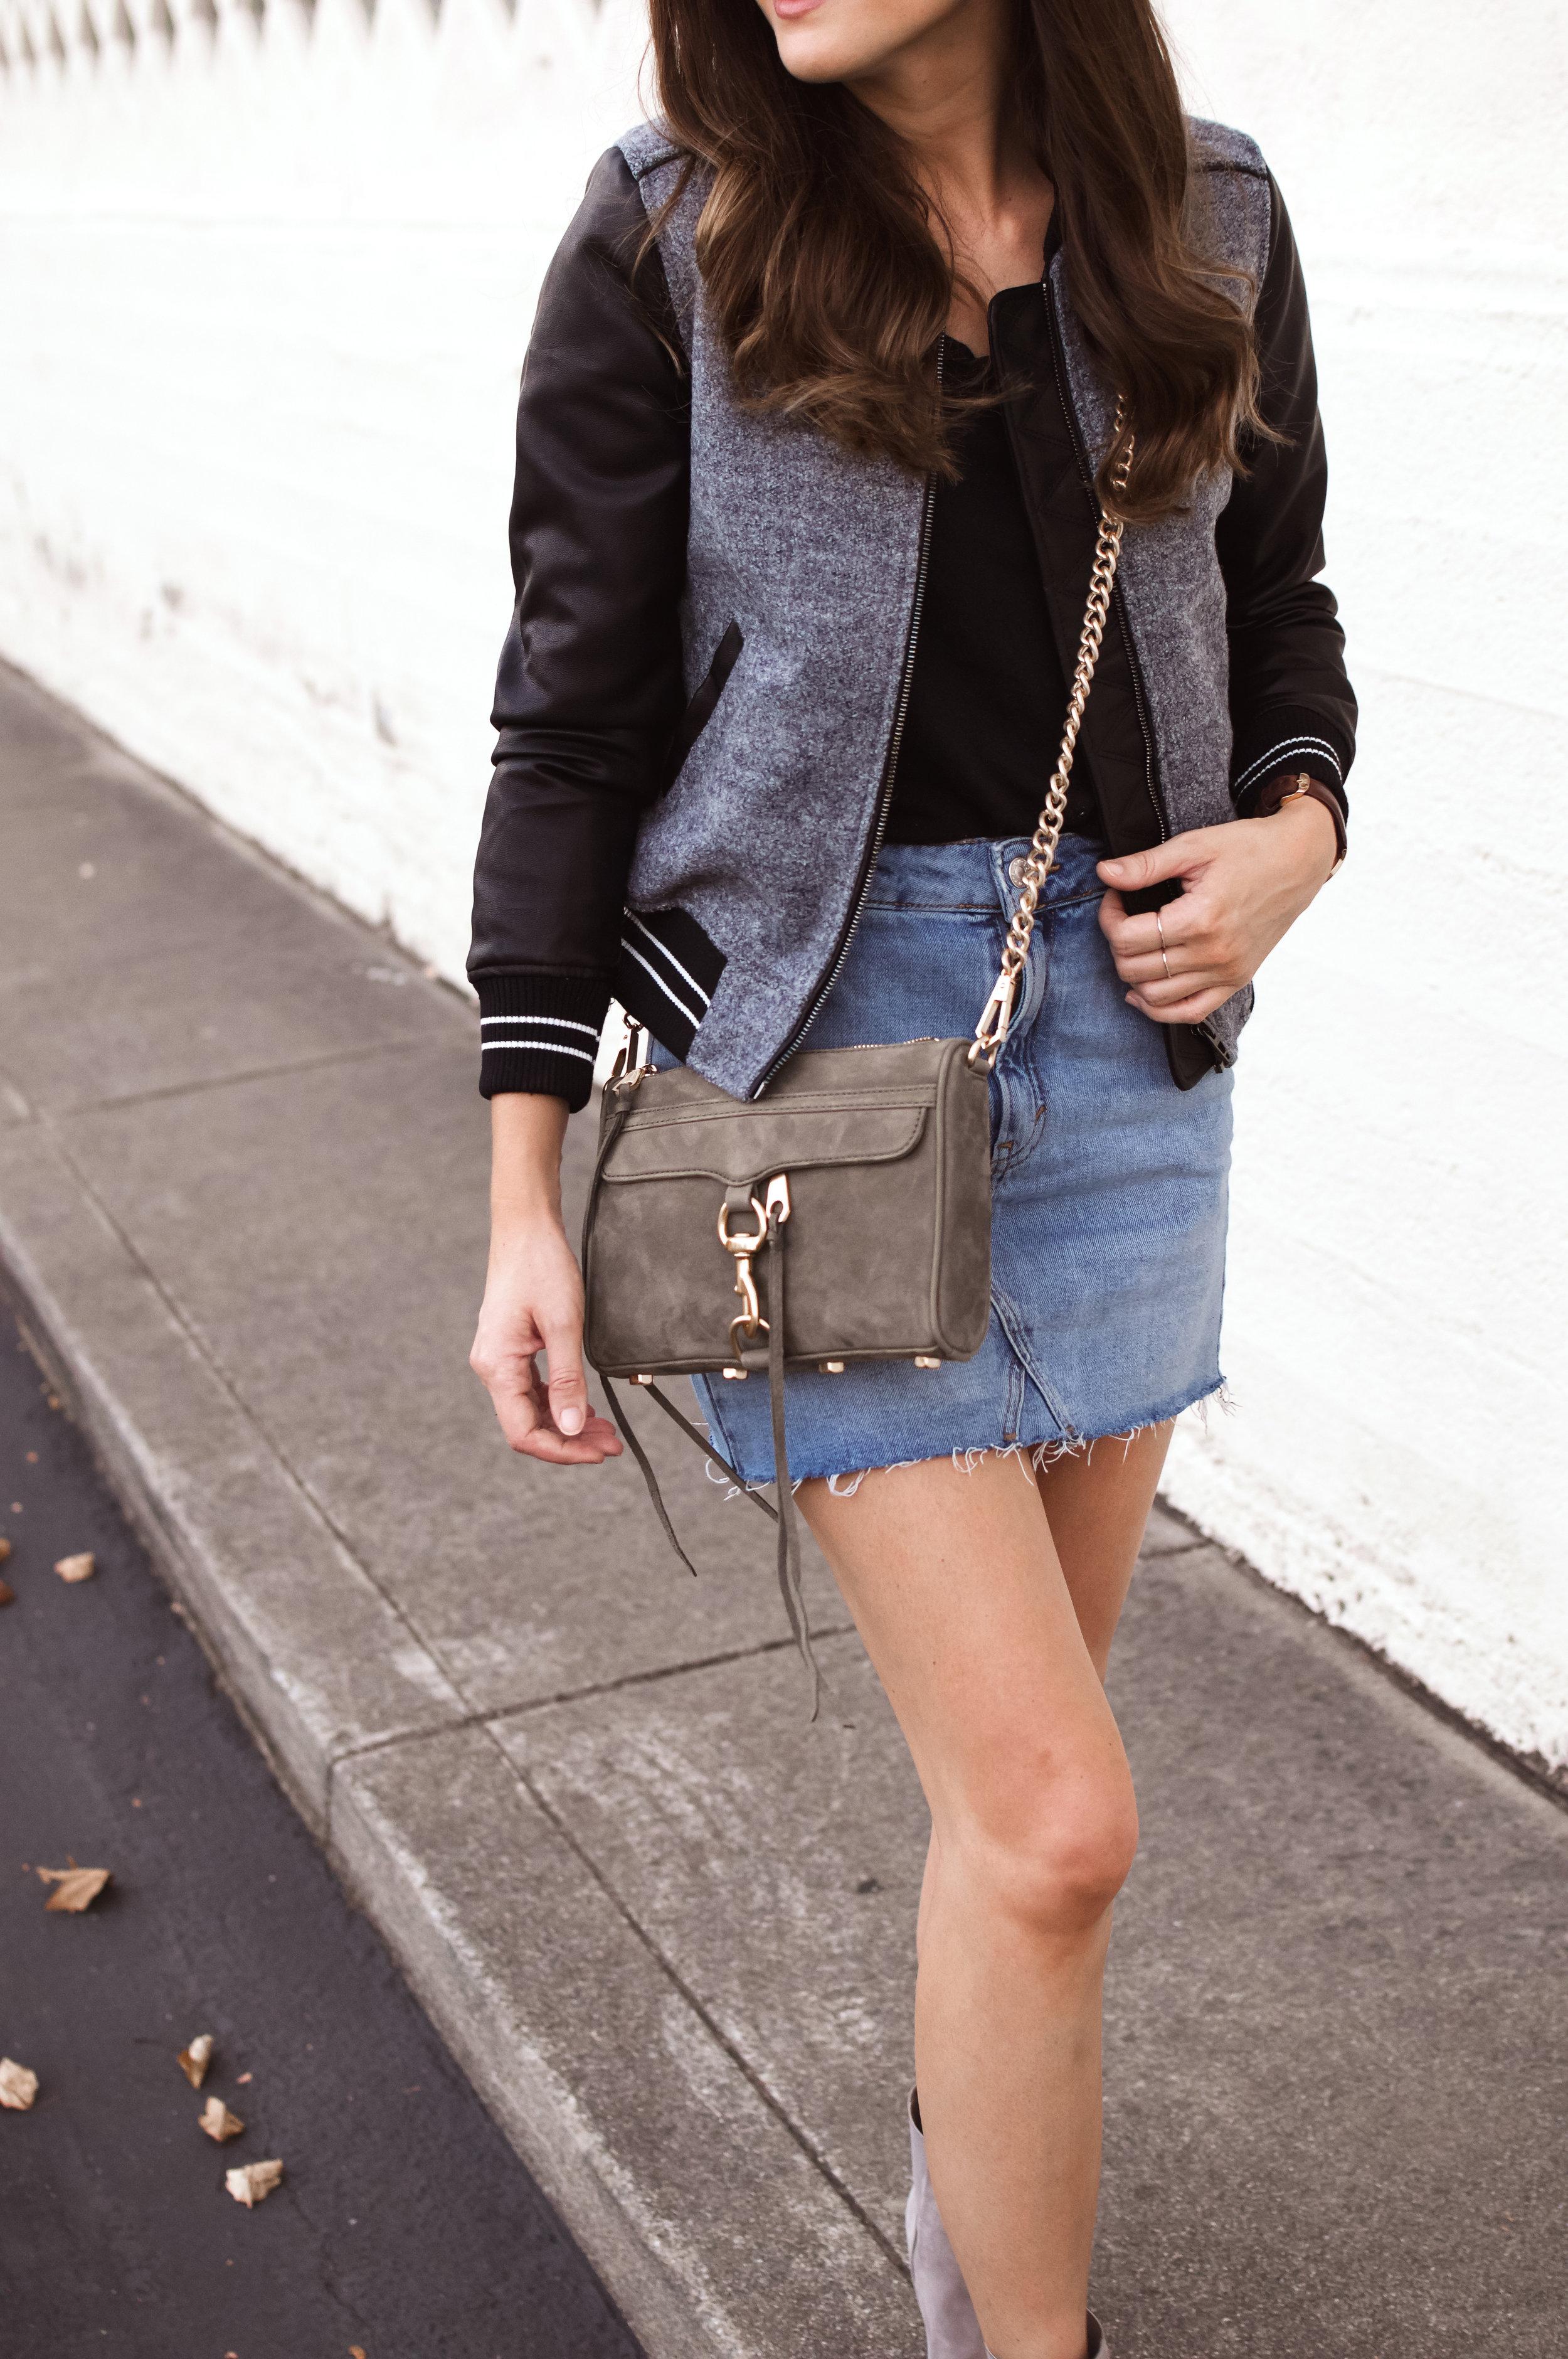 bomber jacket and denim skirt